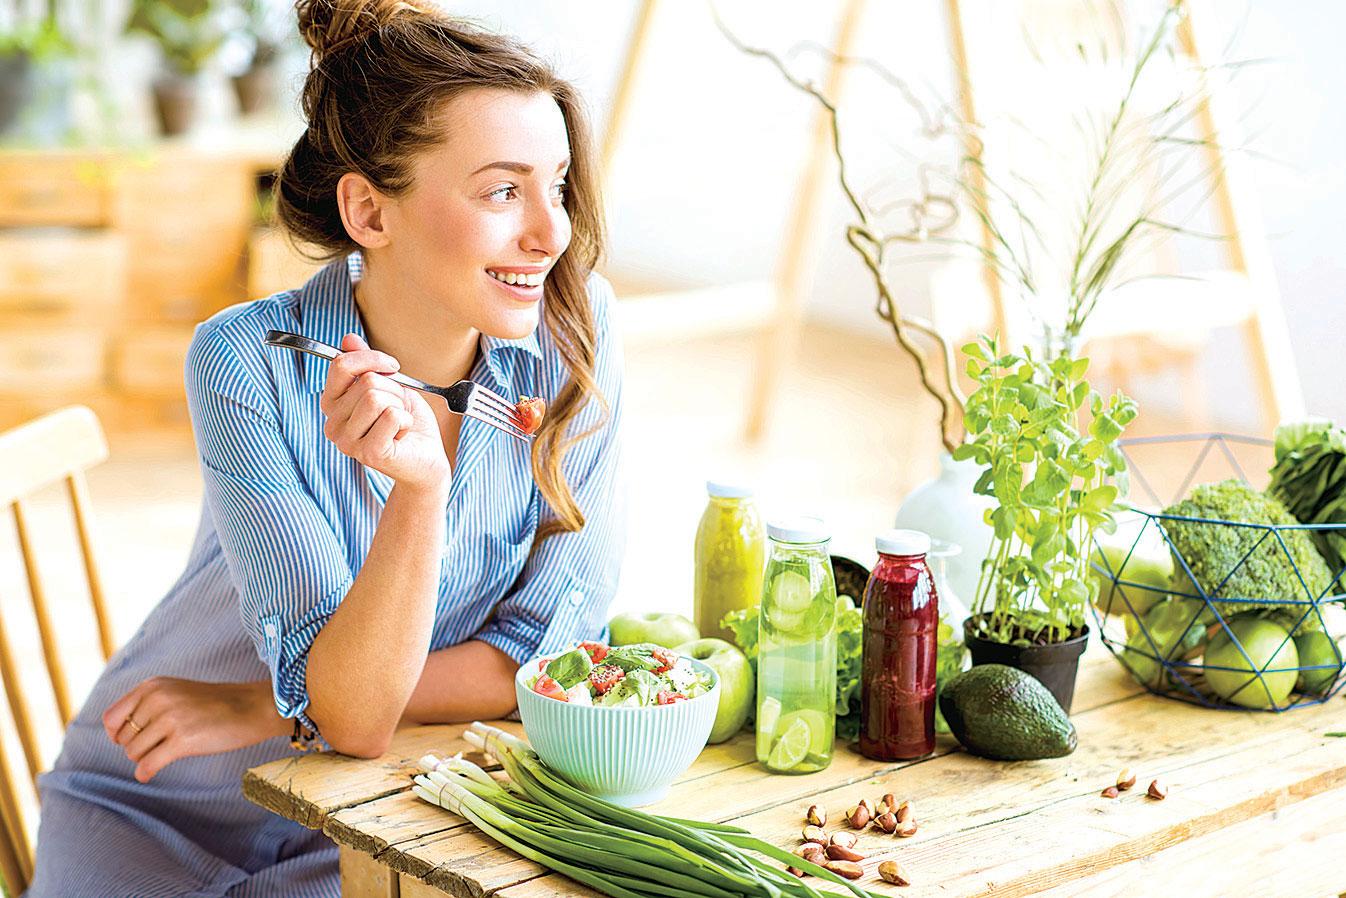 多吃植物性食物。多吃富含纖維質的食物,如蔬菜、豆類、新鮮水果和100%全穀物,使熱量攝取均衡,減少糖尿病風險。